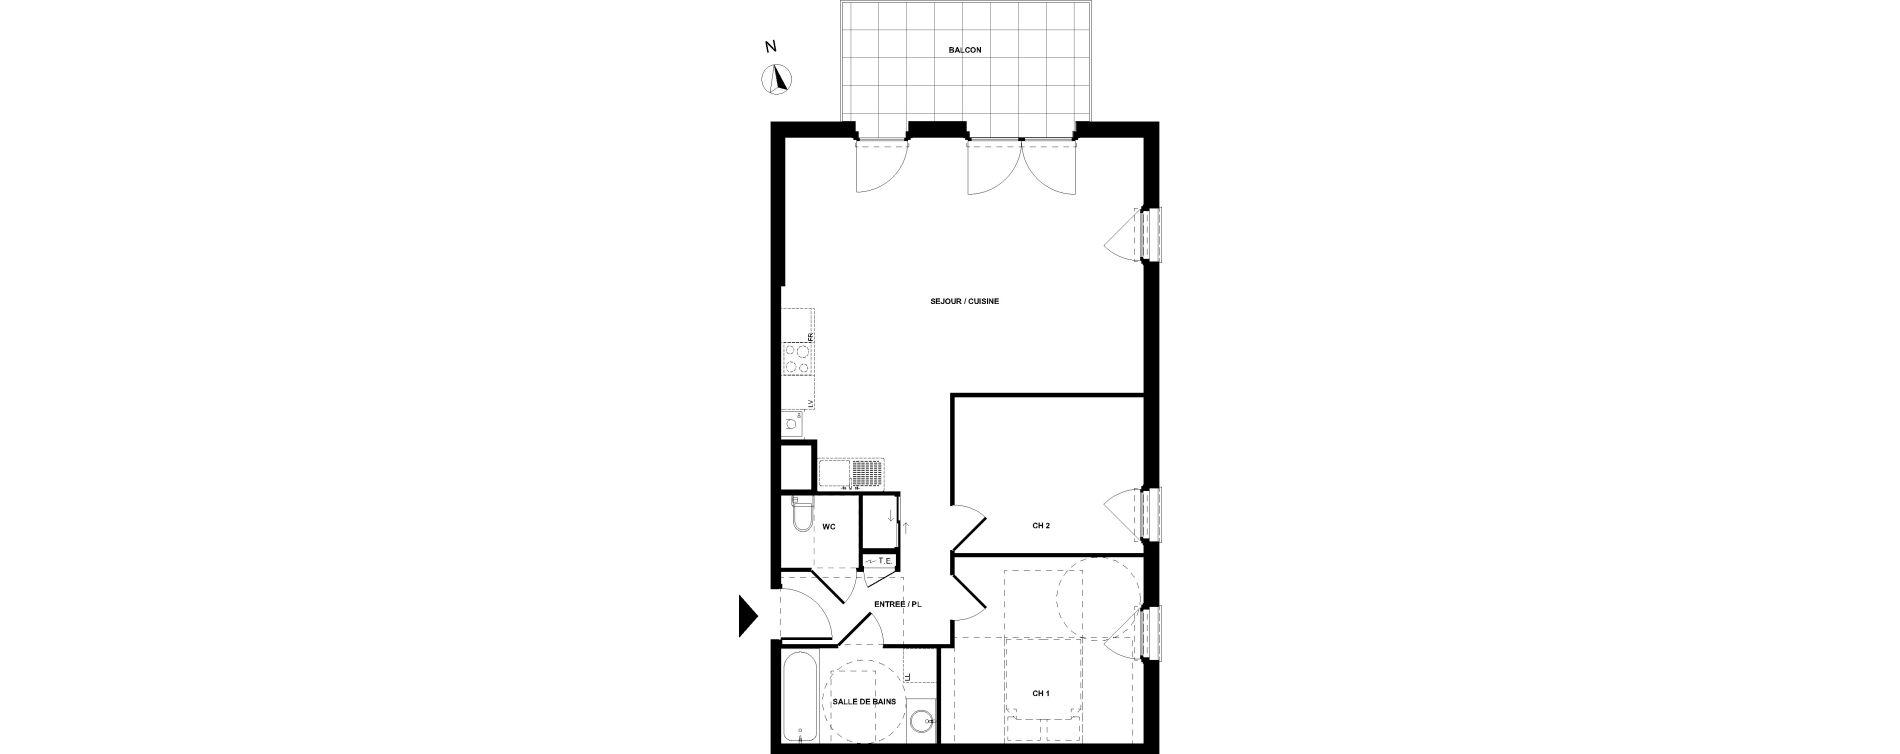 Appartement T3 de 68,27 m2 à Sallanches Centre